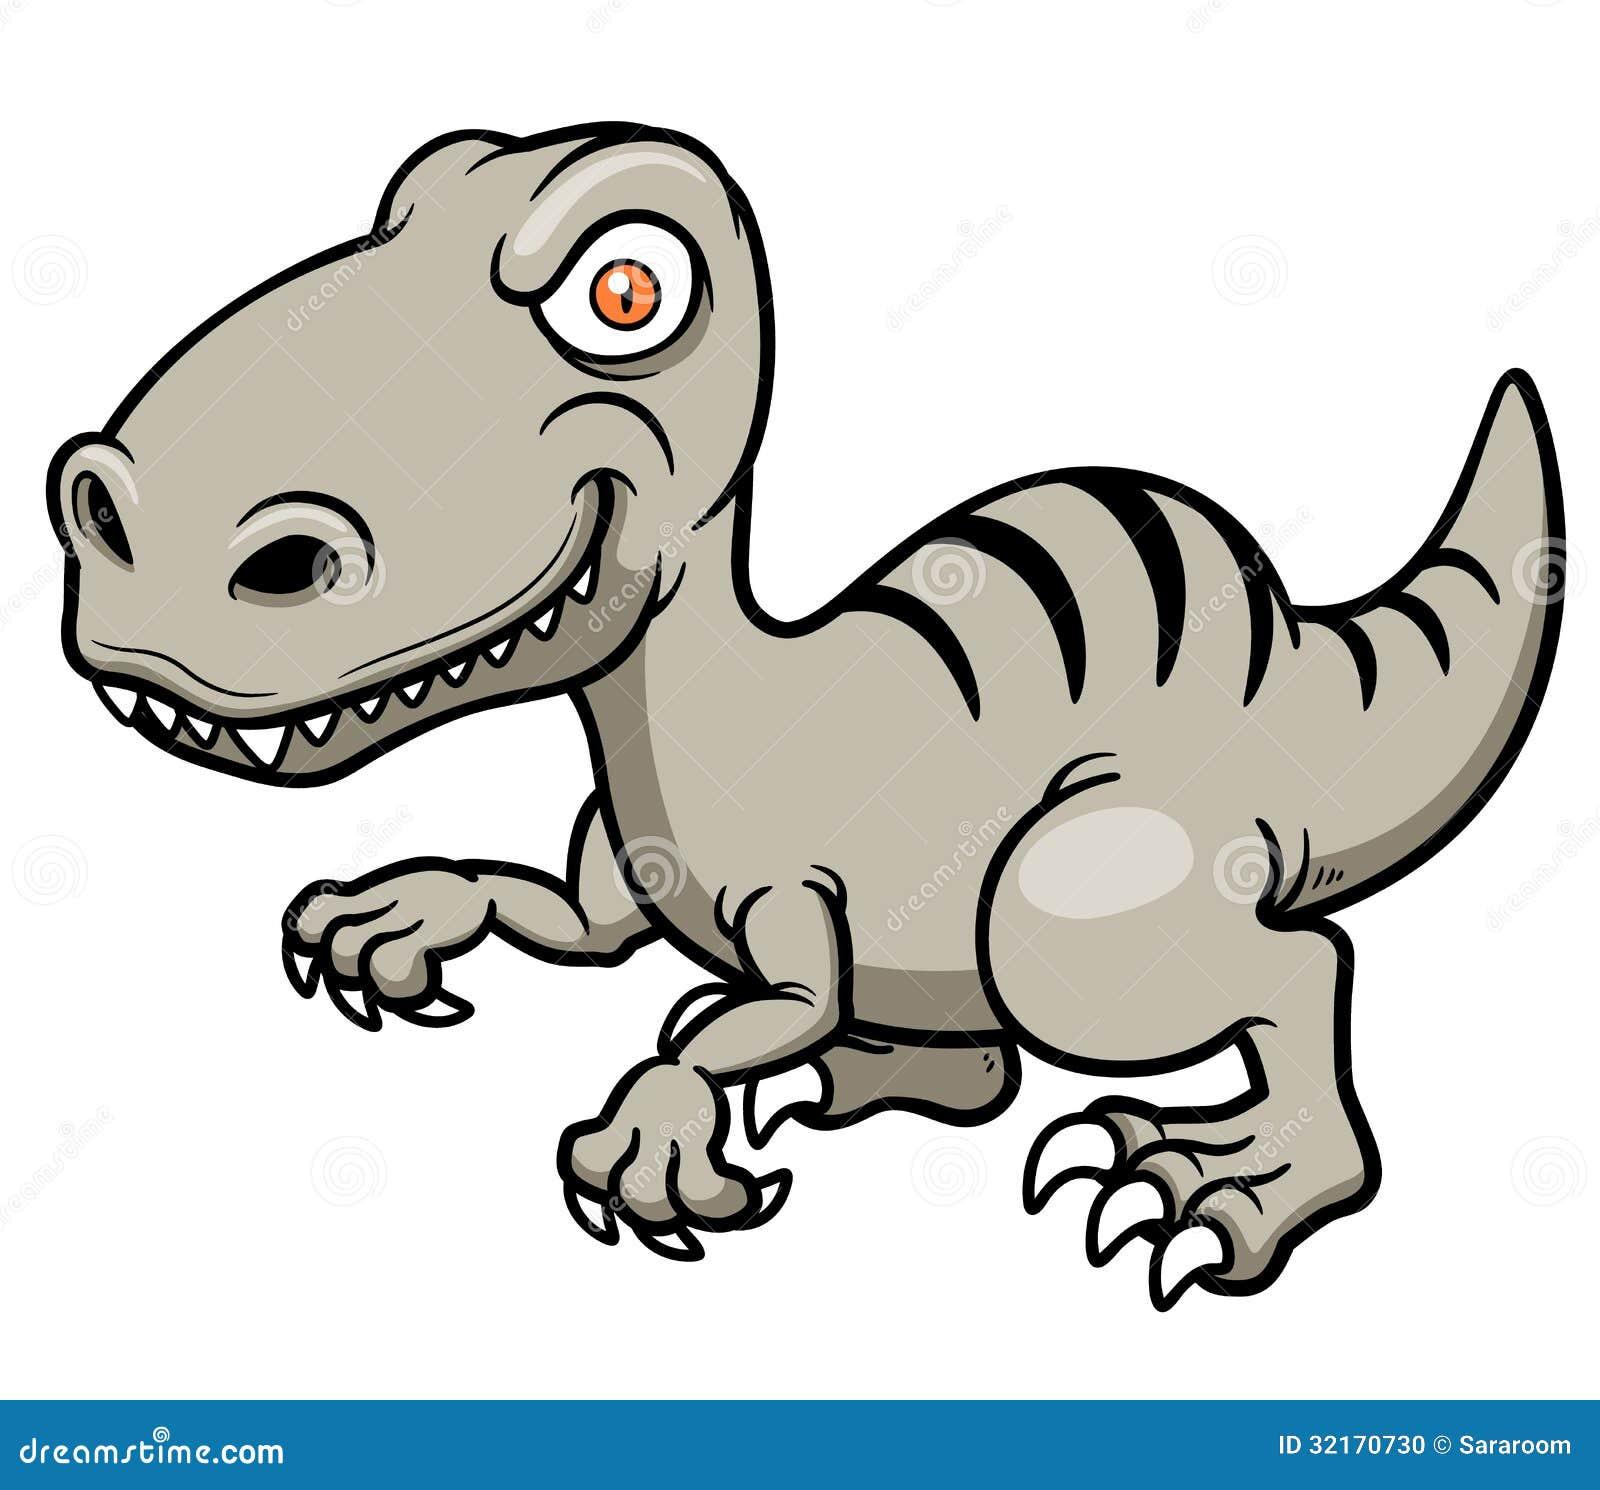 Cartoon Dinosaur Stock Photo - Image: 32170730